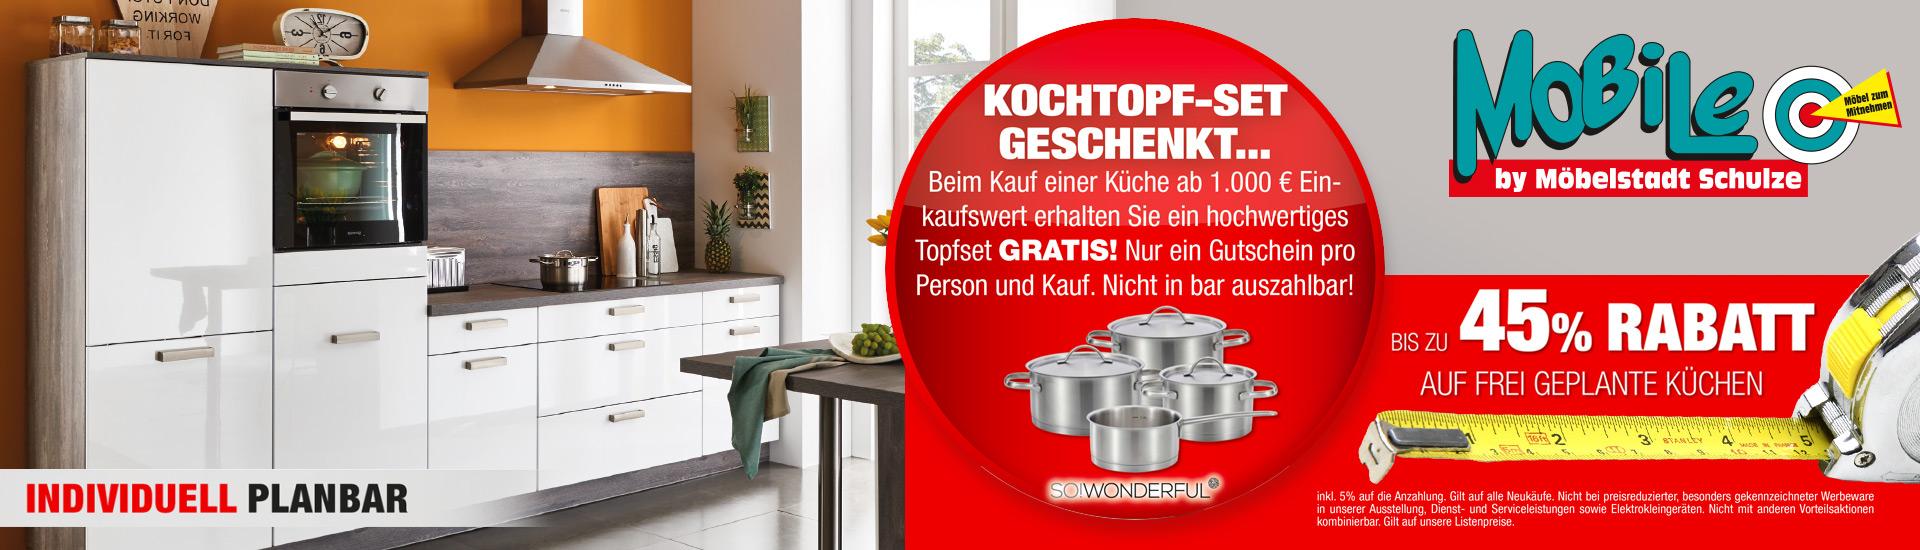 Rabatt auf frei geplante Küchen | Mobile | Möbelstadt Schulze